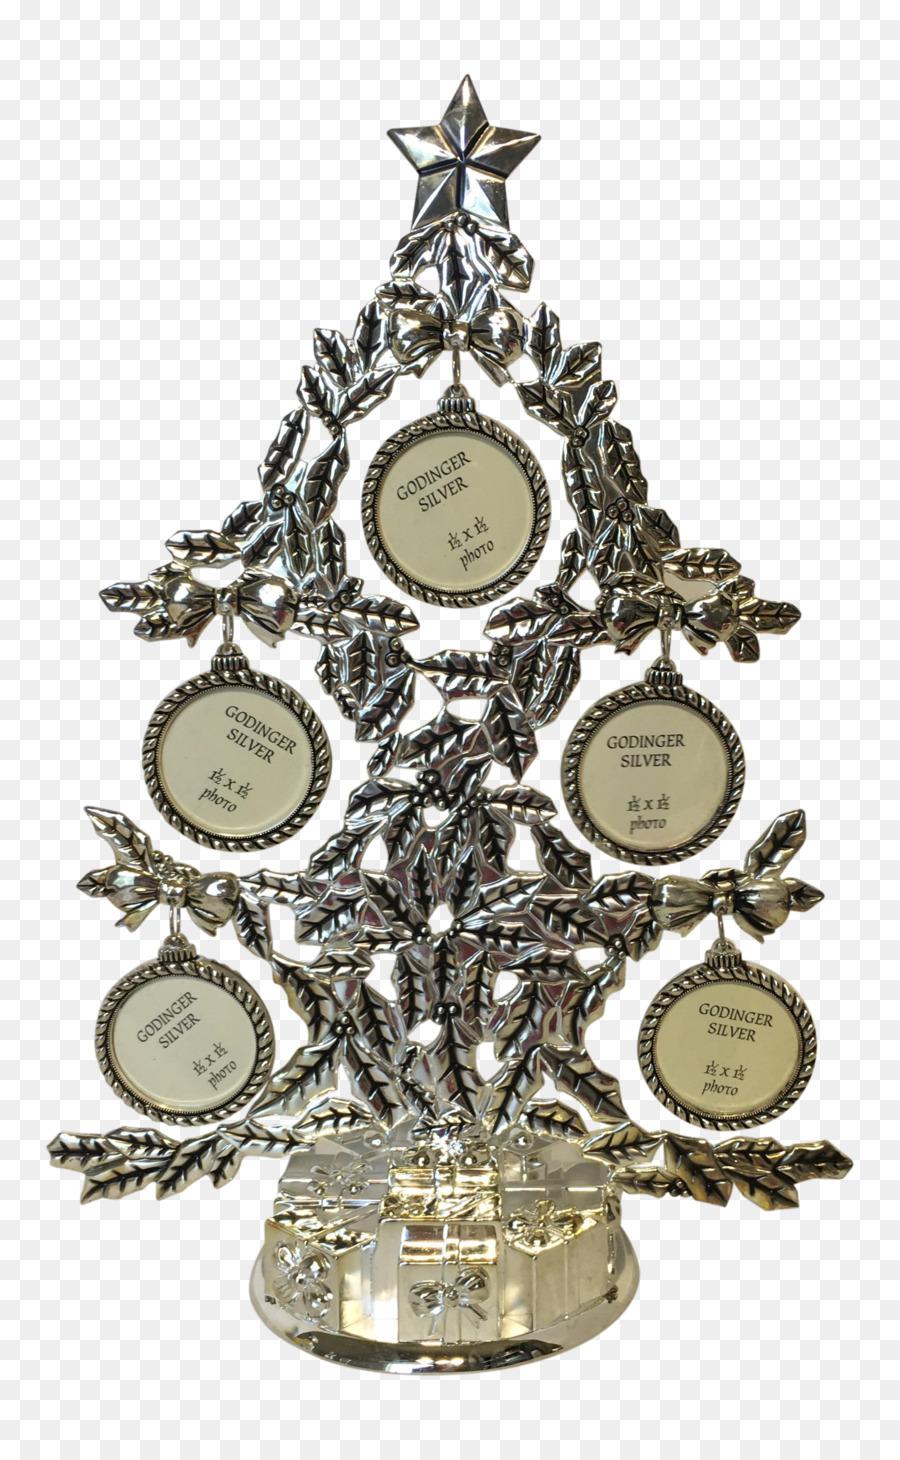 Descarga gratuita de árbol De Navidad, Marcos De Imagen, Adorno De Navidad imágenes PNG